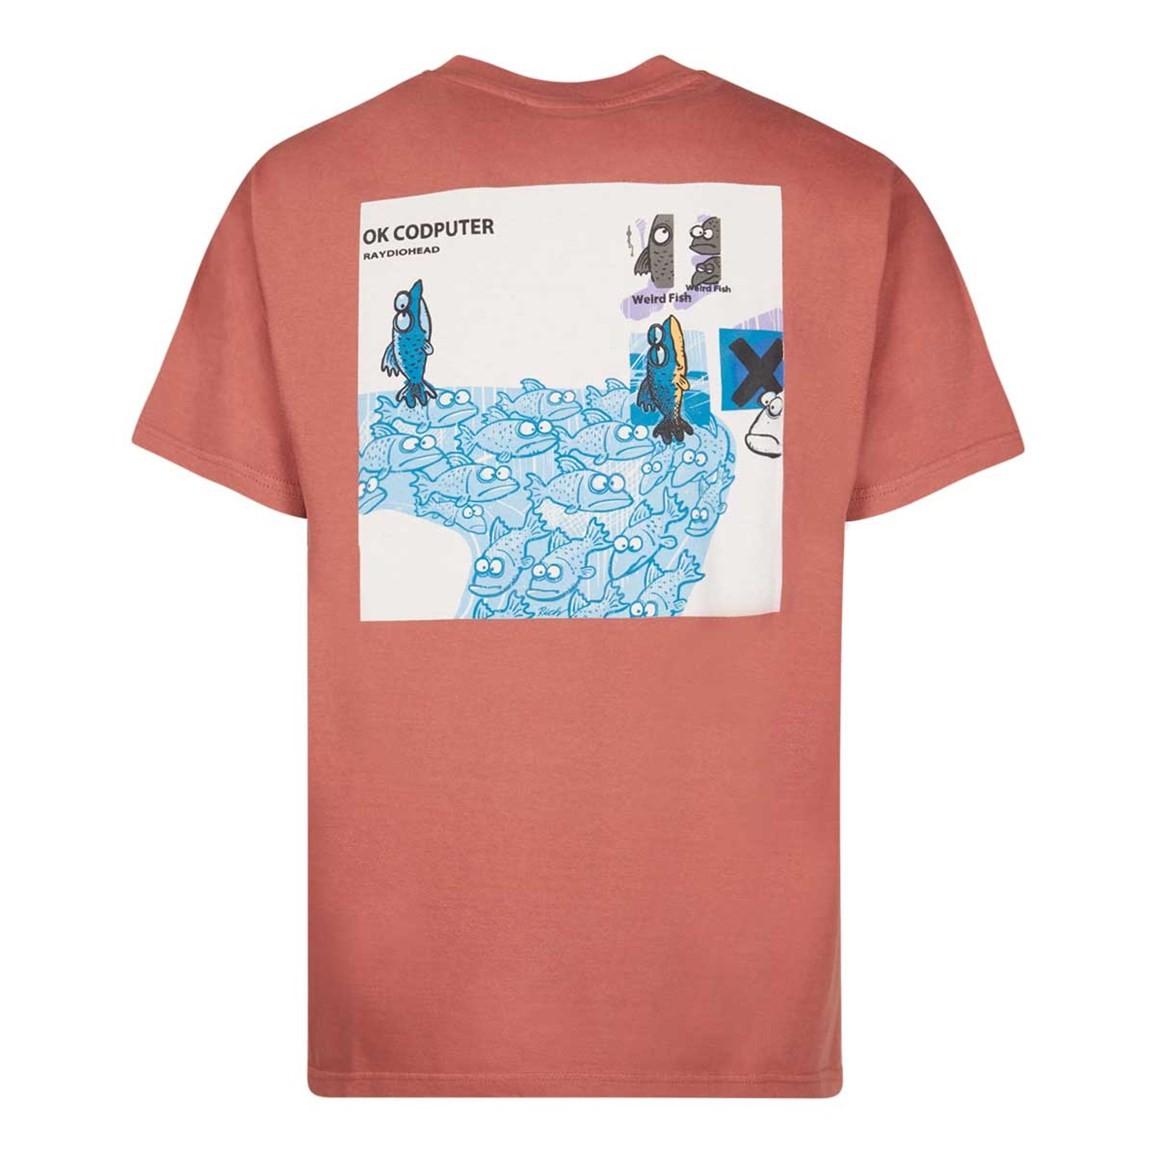 Weird Fish OK Codputer Artist T-Shirt Brick Red Size 2XL